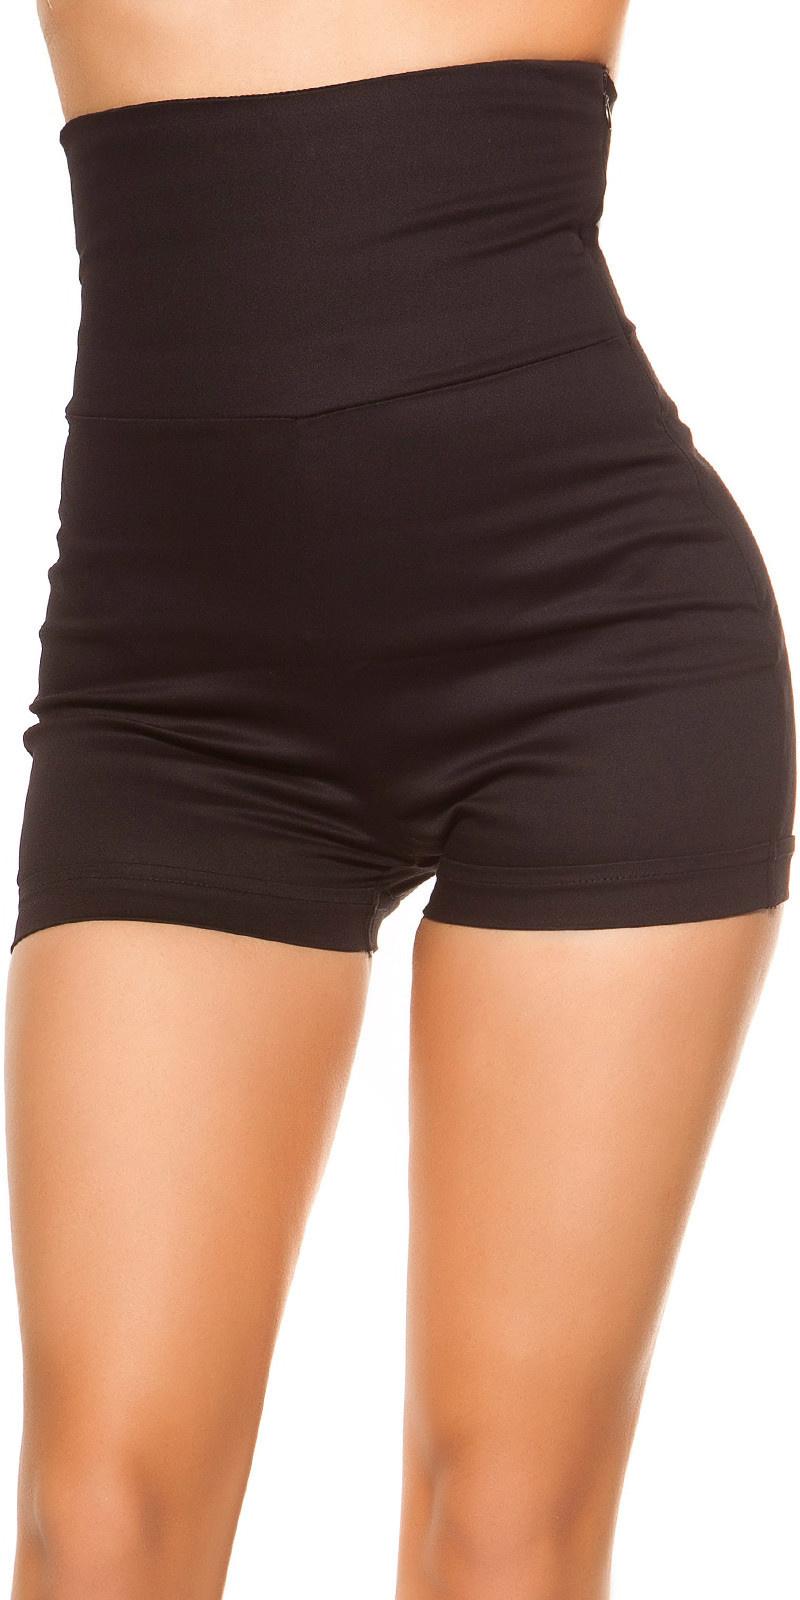 Sexy hoge taille shorts jaren 70 look zwart